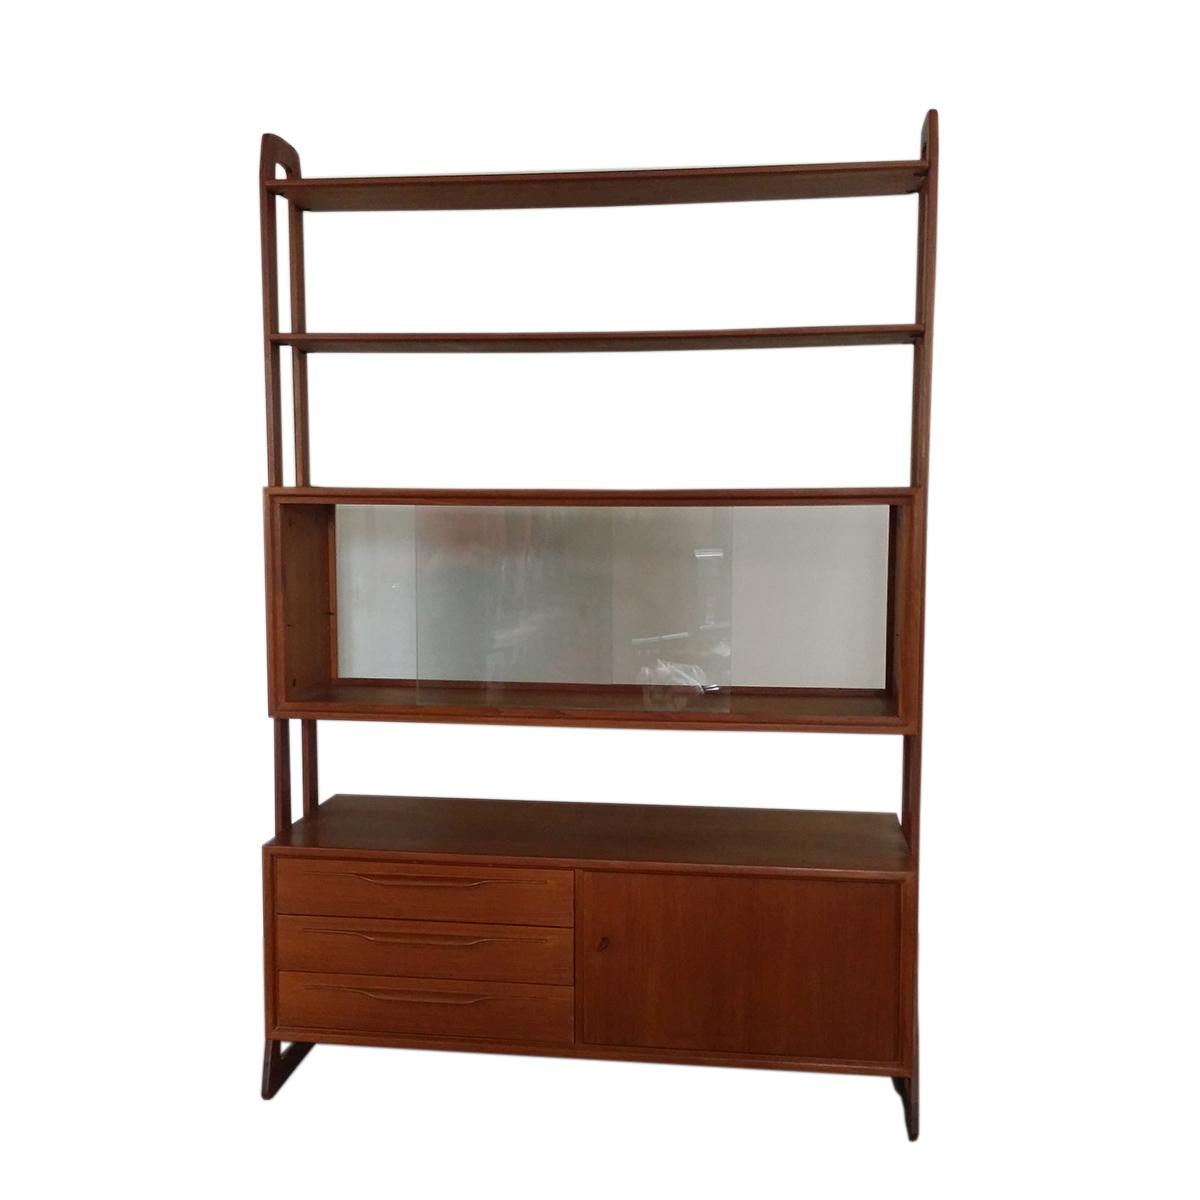 highboard-sideboard-teak-swiss-vintage